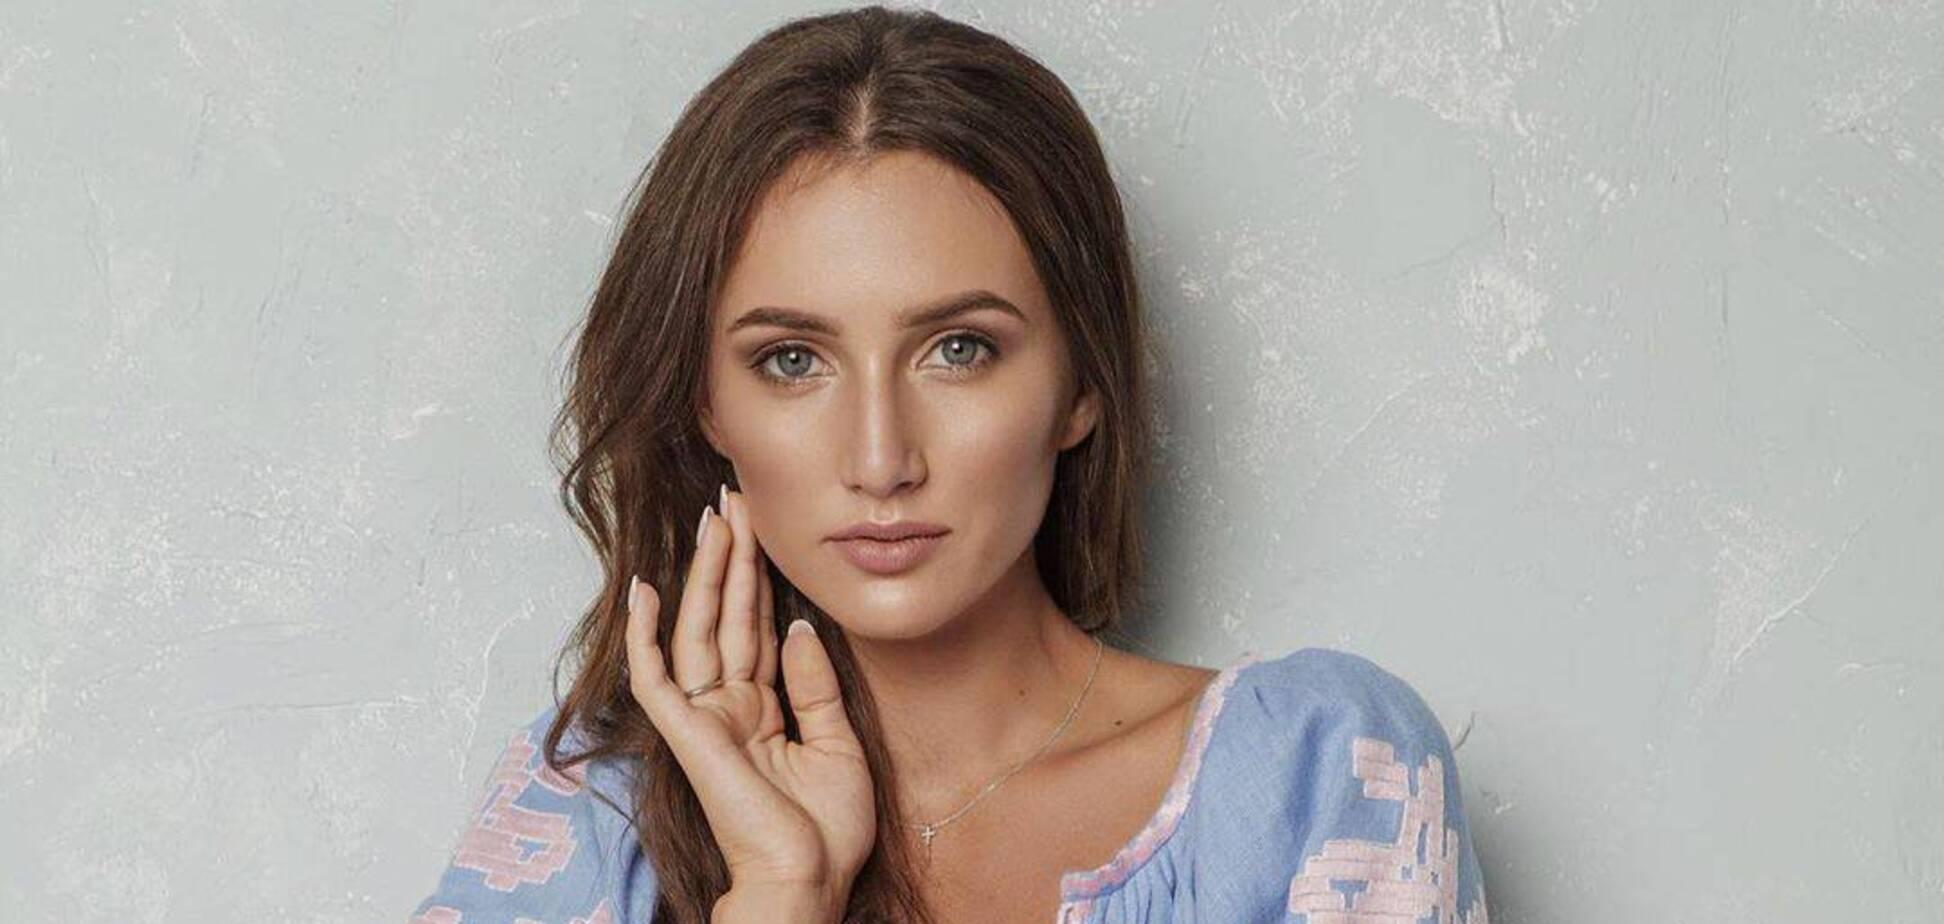 Анна Ризатдинова показала 'идеальное тело' и вдохновила подписчиков